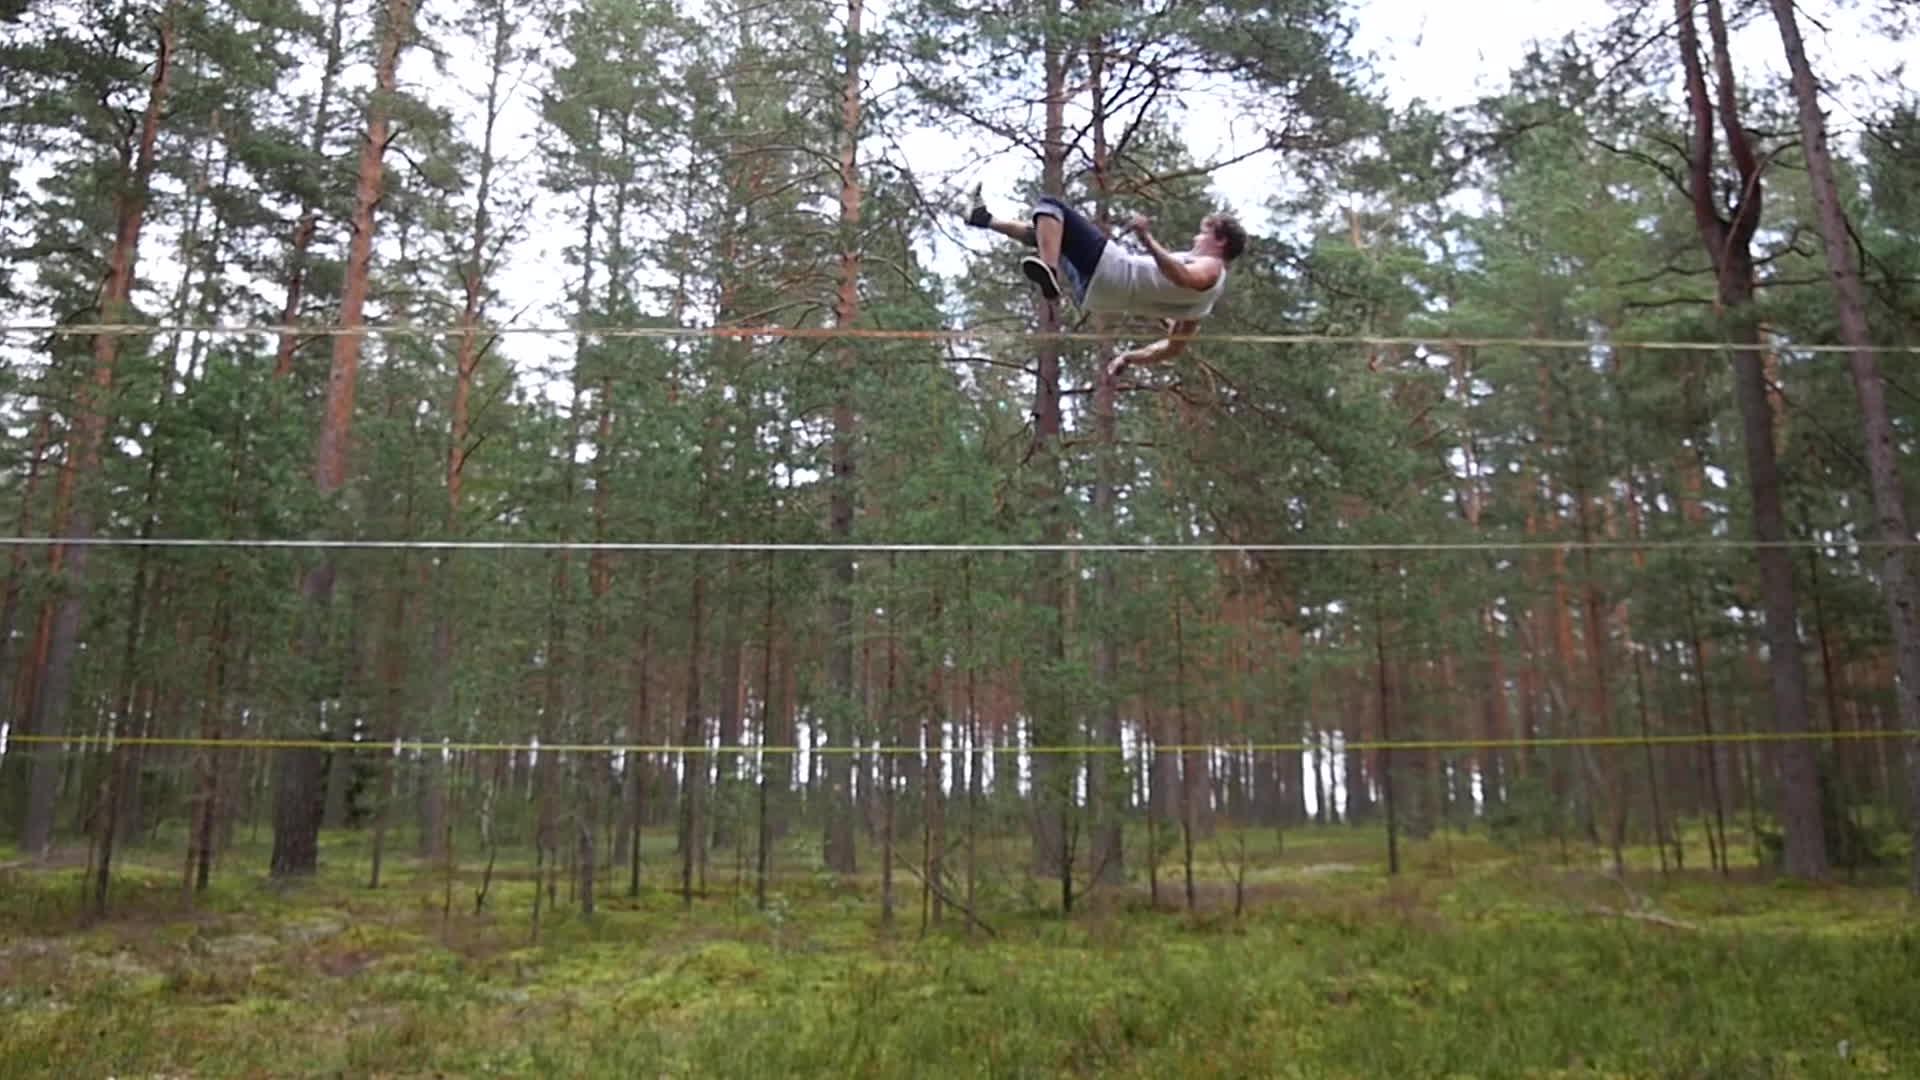 slackline, tandem, tricks, Forest Beasts | Slackline GIFs